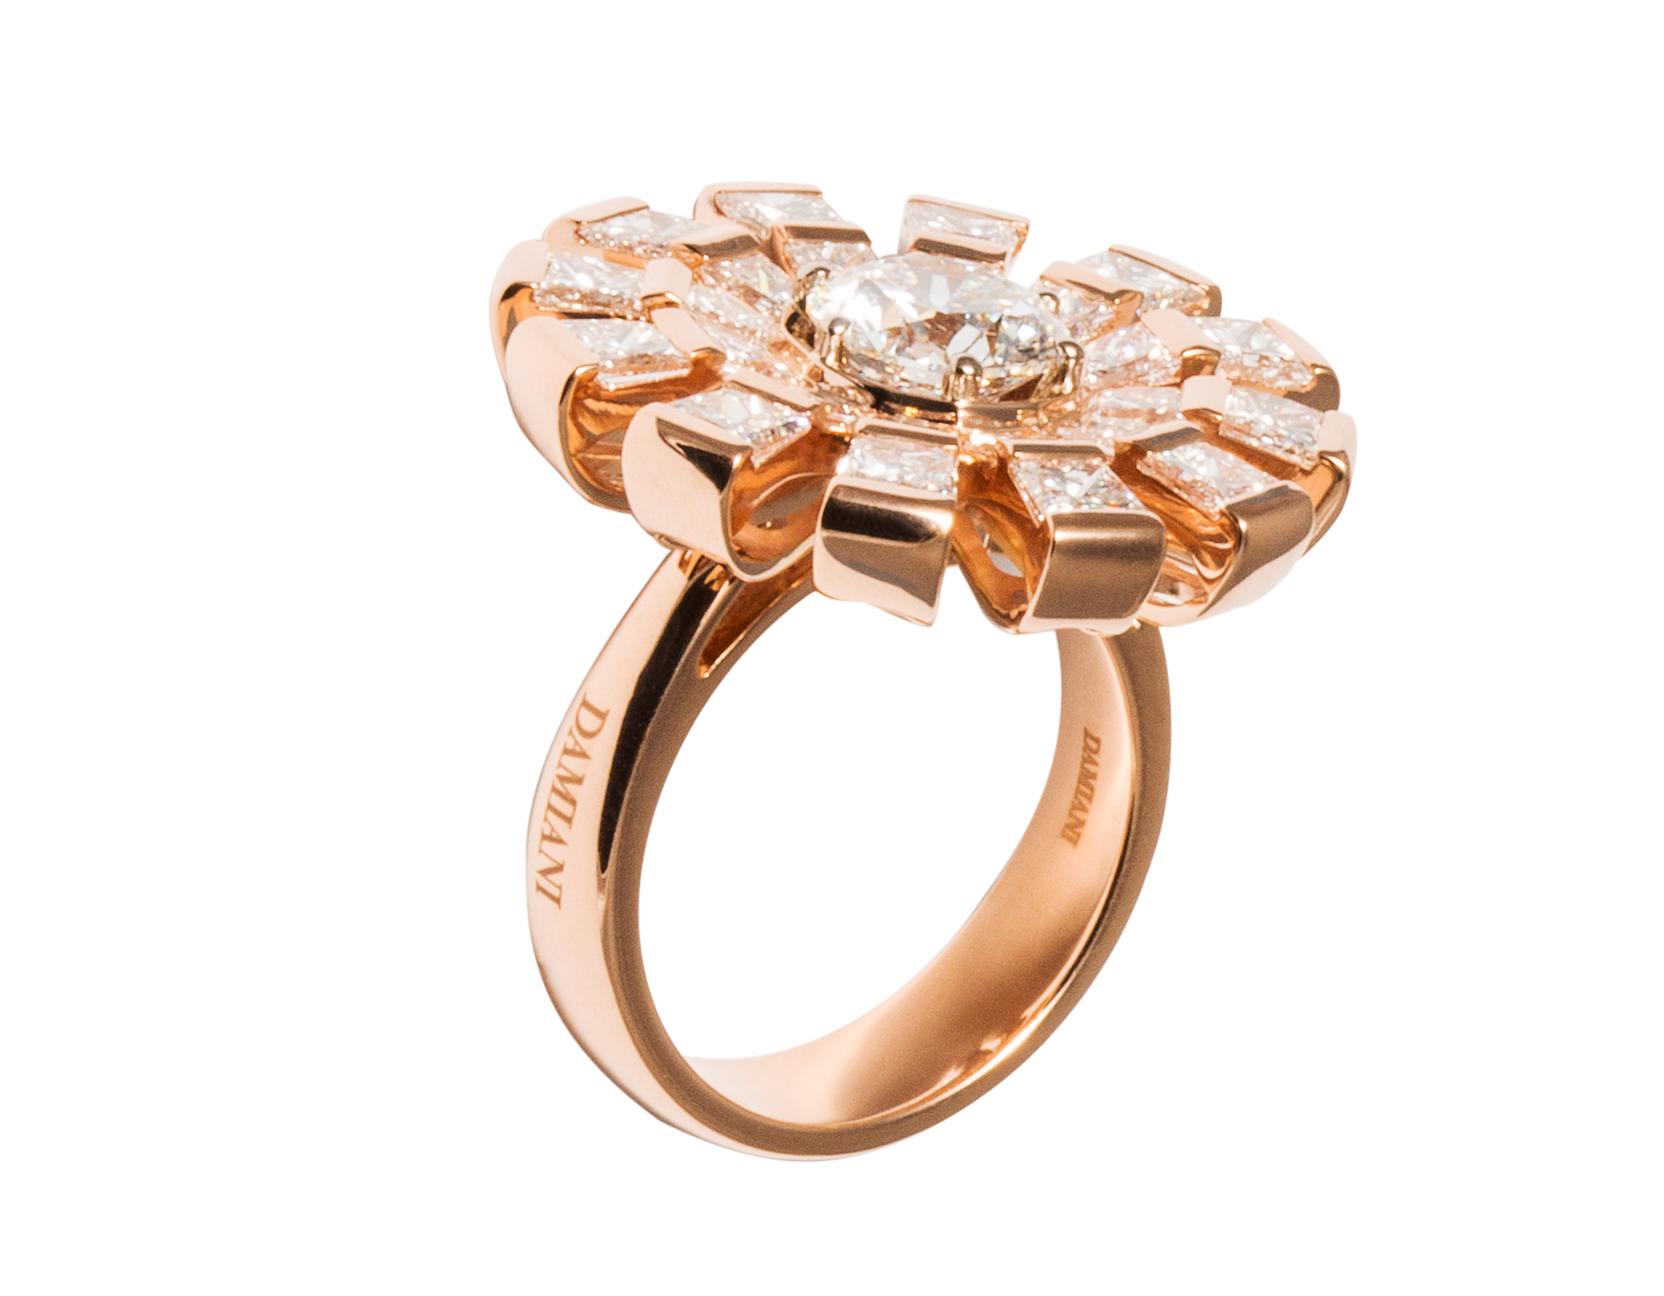 Anello della collezione Margherita in oro rosa e diamanti